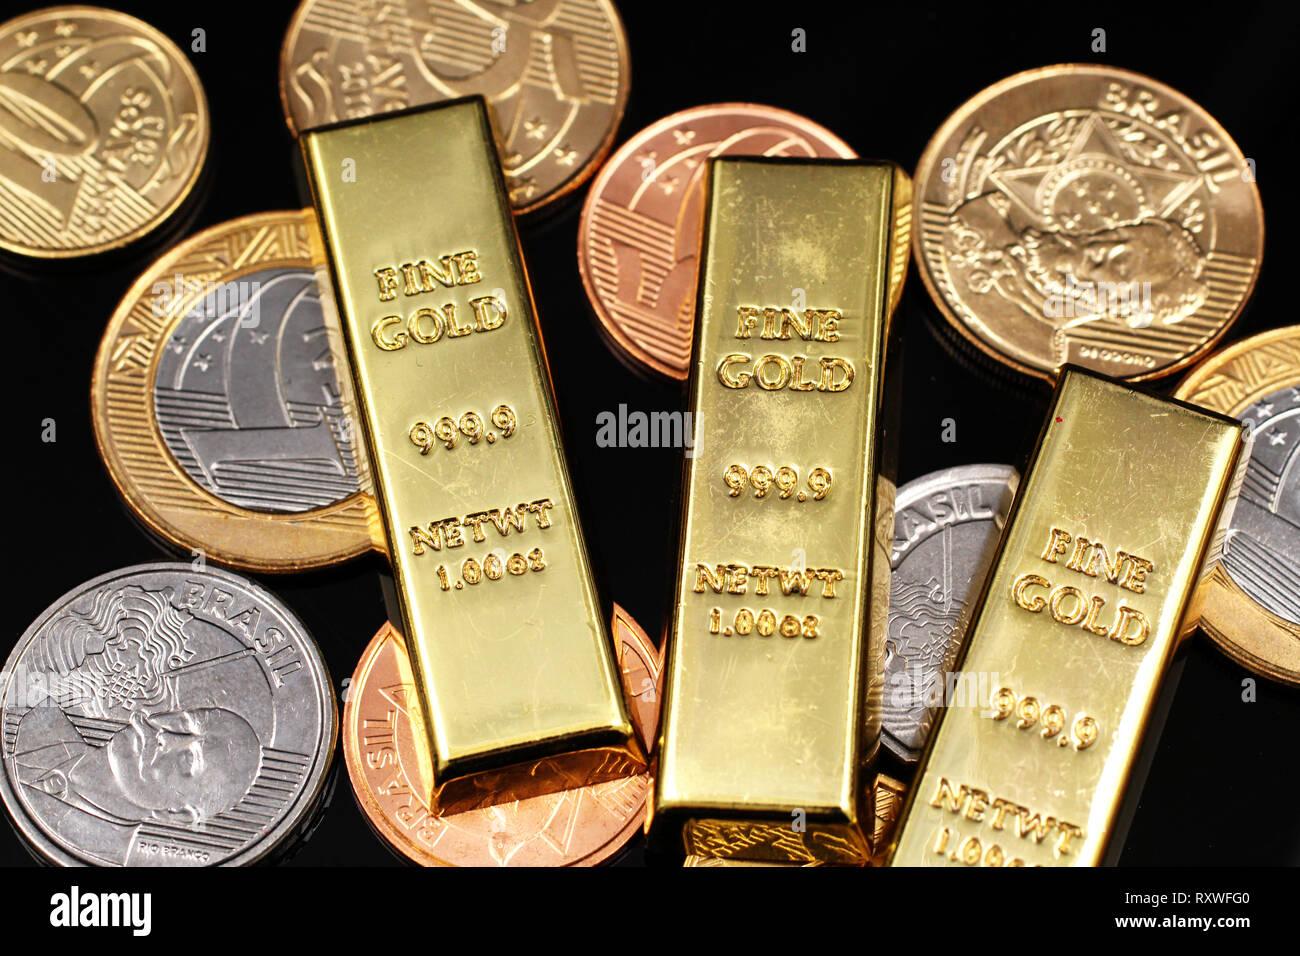 1 Ounce Stock Photos & 1 Ounce Stock Images - Alamy